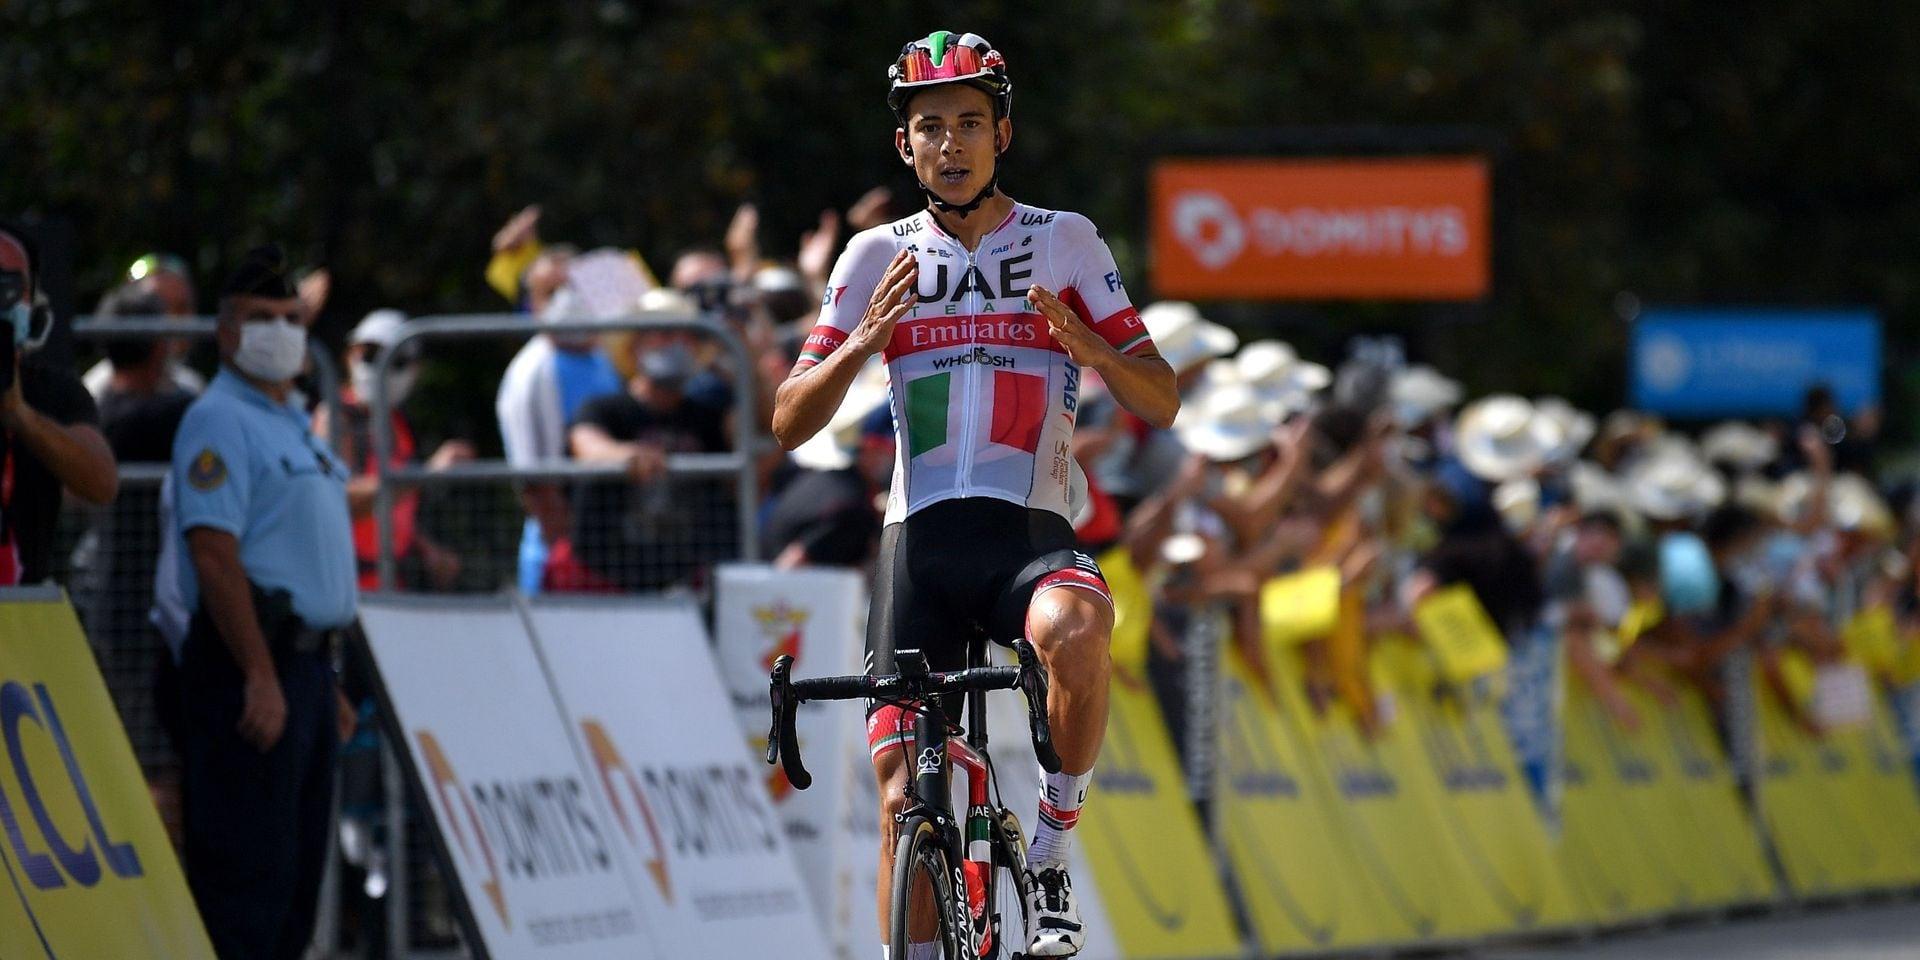 Critérium du Dauphiné : Formolo enlève la 3e étape en solo, Roglic reste leader, Benoot abandonne